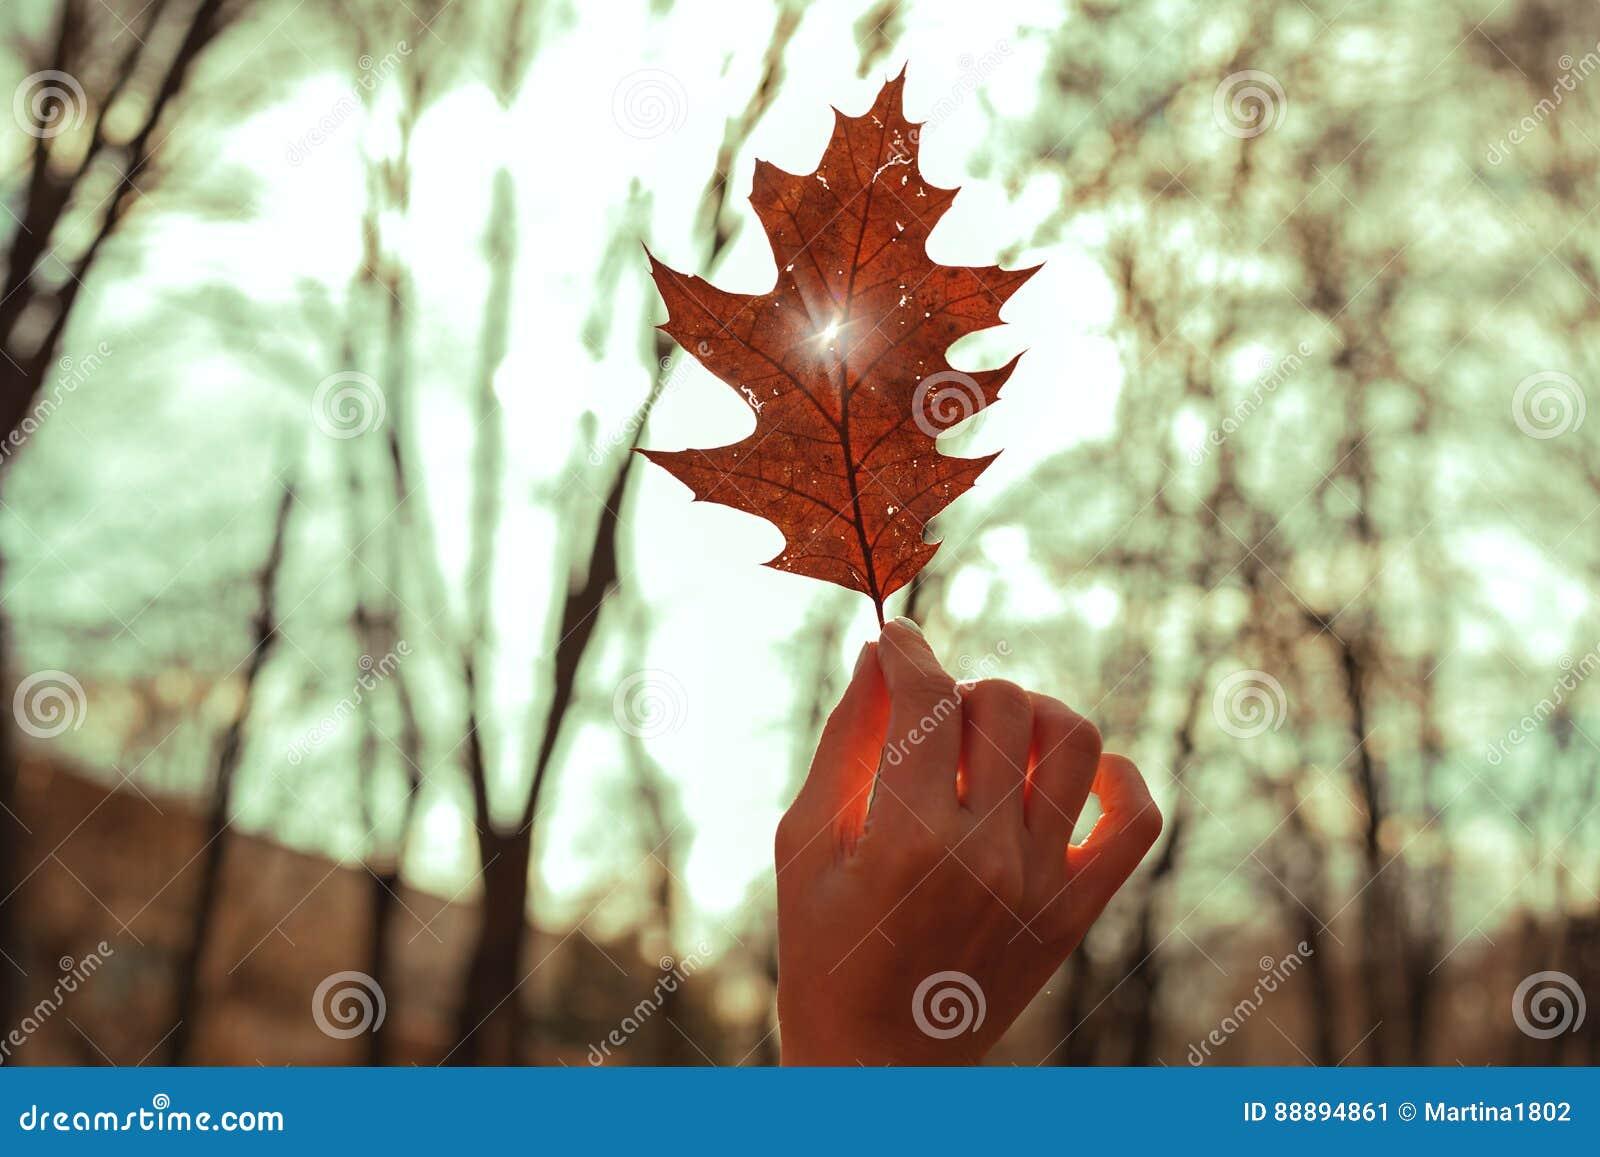 递拿着一片红槭叶子反对晴朗的天空